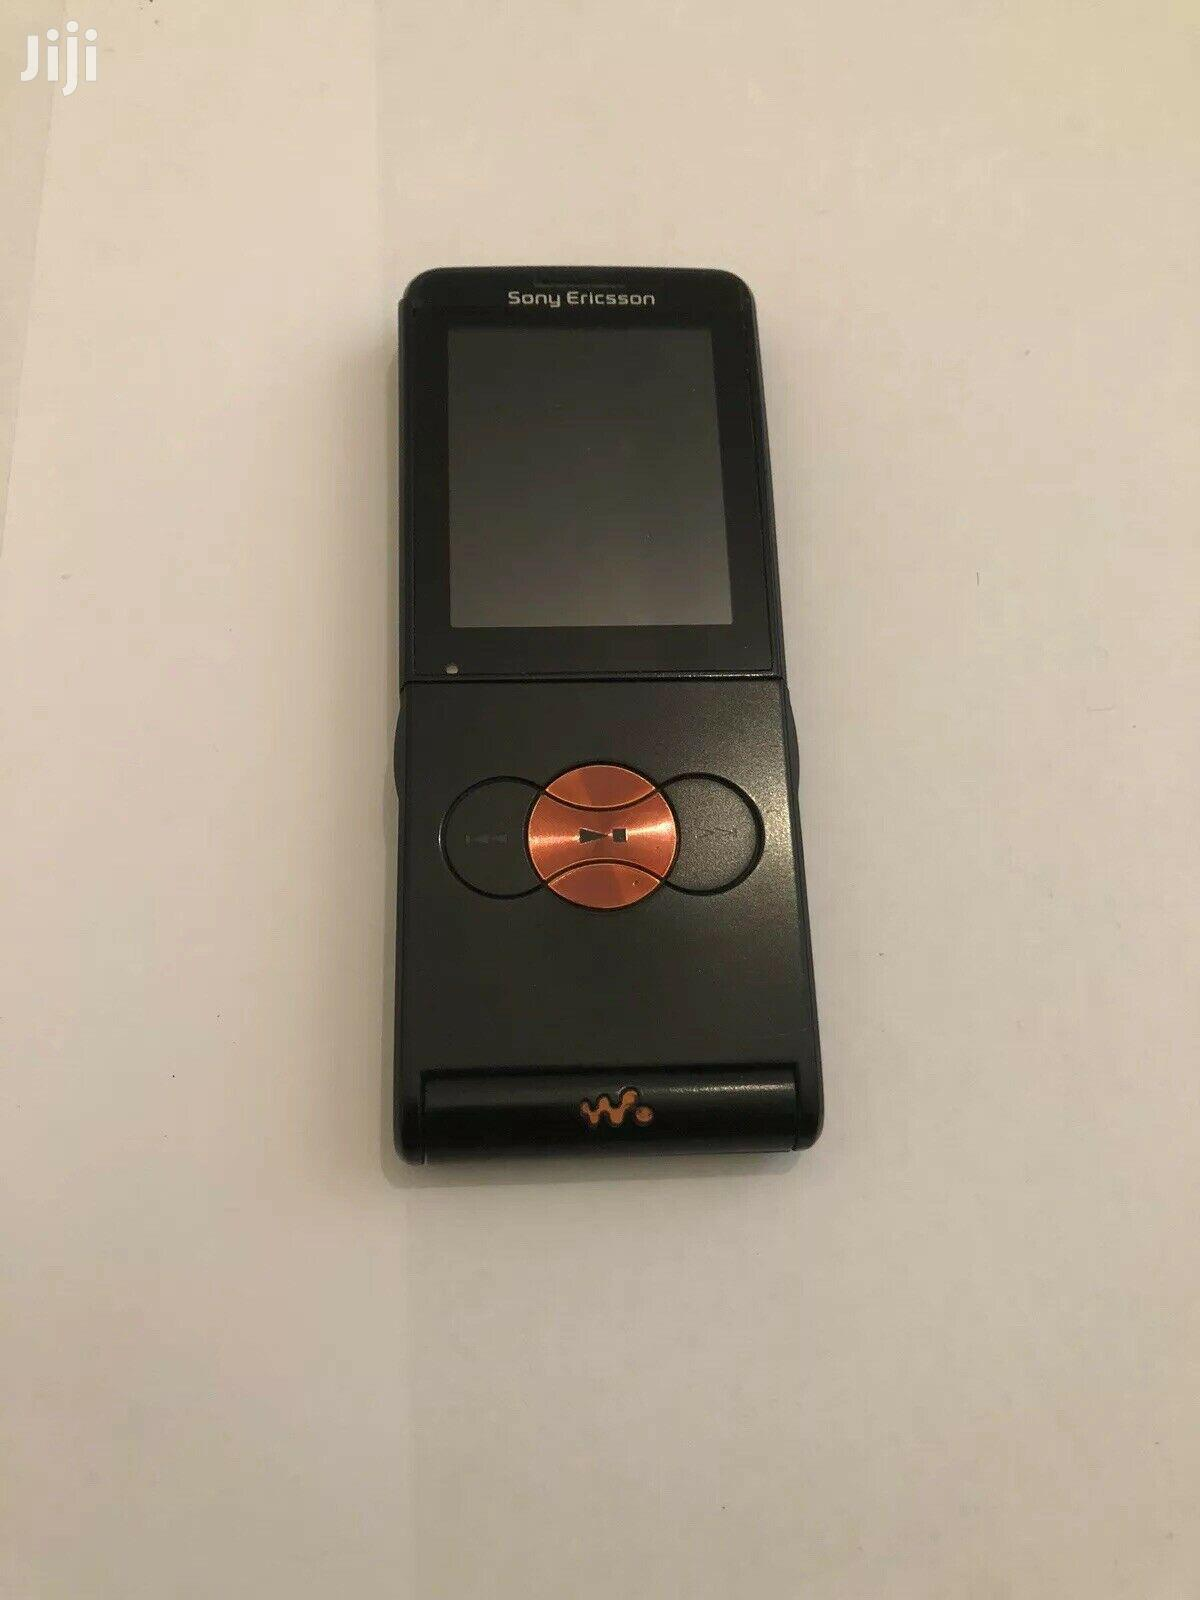 Sony Ericsson W350 Black